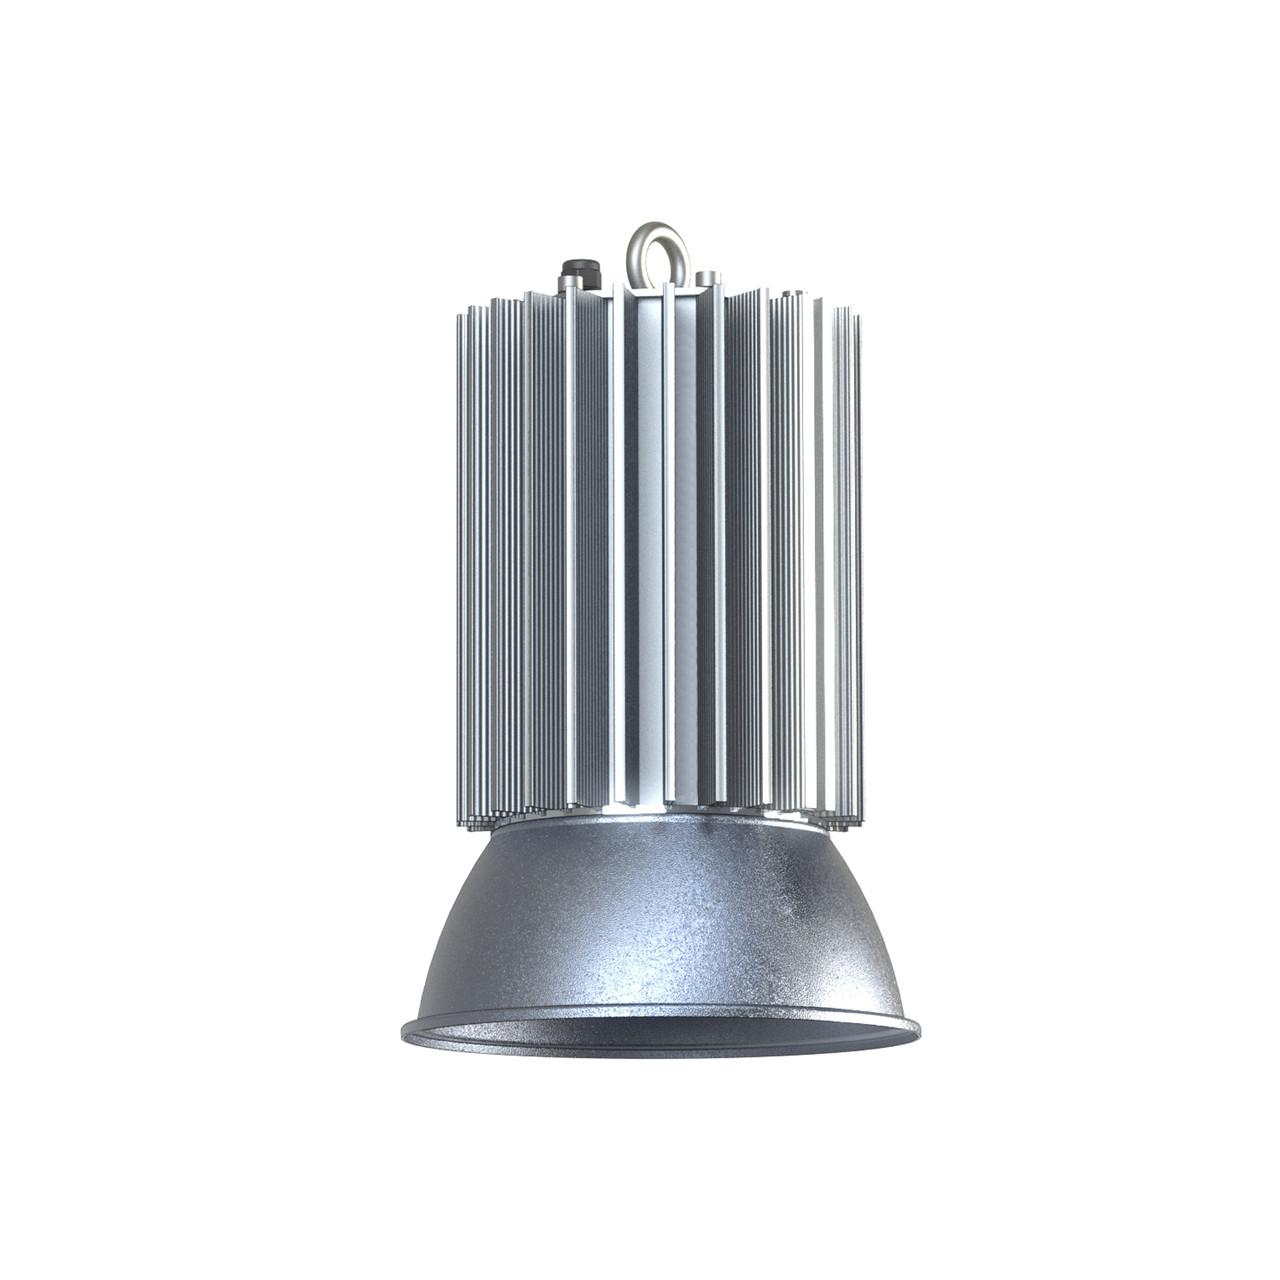 Светодиодный светильник ПромЛед ПРОФИ v2.0-120